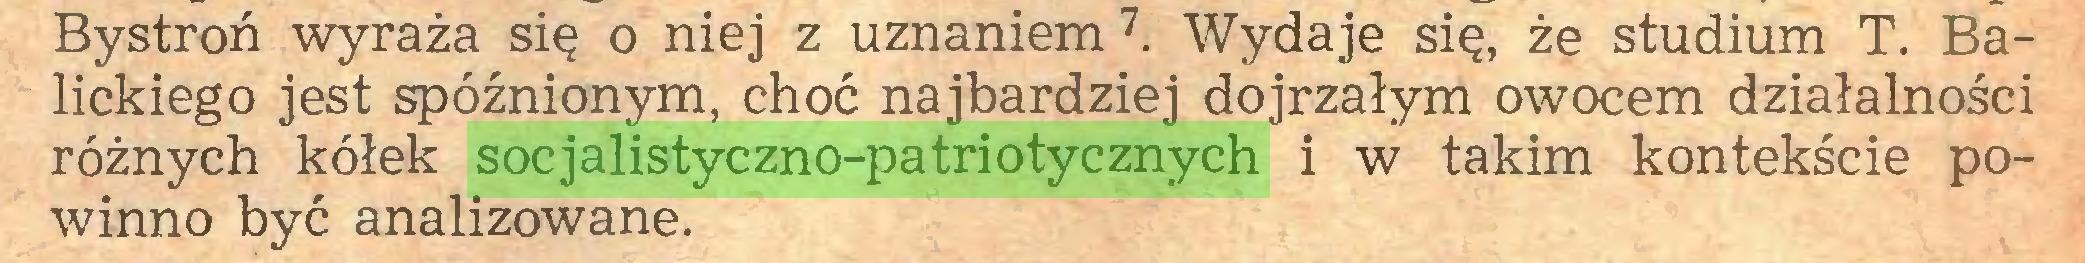 (...) Bystroń wyraża się o niej z uznaniem7. Wydaje się, że studium T. Balickiego jest spóźnionym, choć najbardziej dojrzałym owocem działalności różnych kółek socjalistyczno-patriotycznych i w takim kontekście powinno być analizowane...